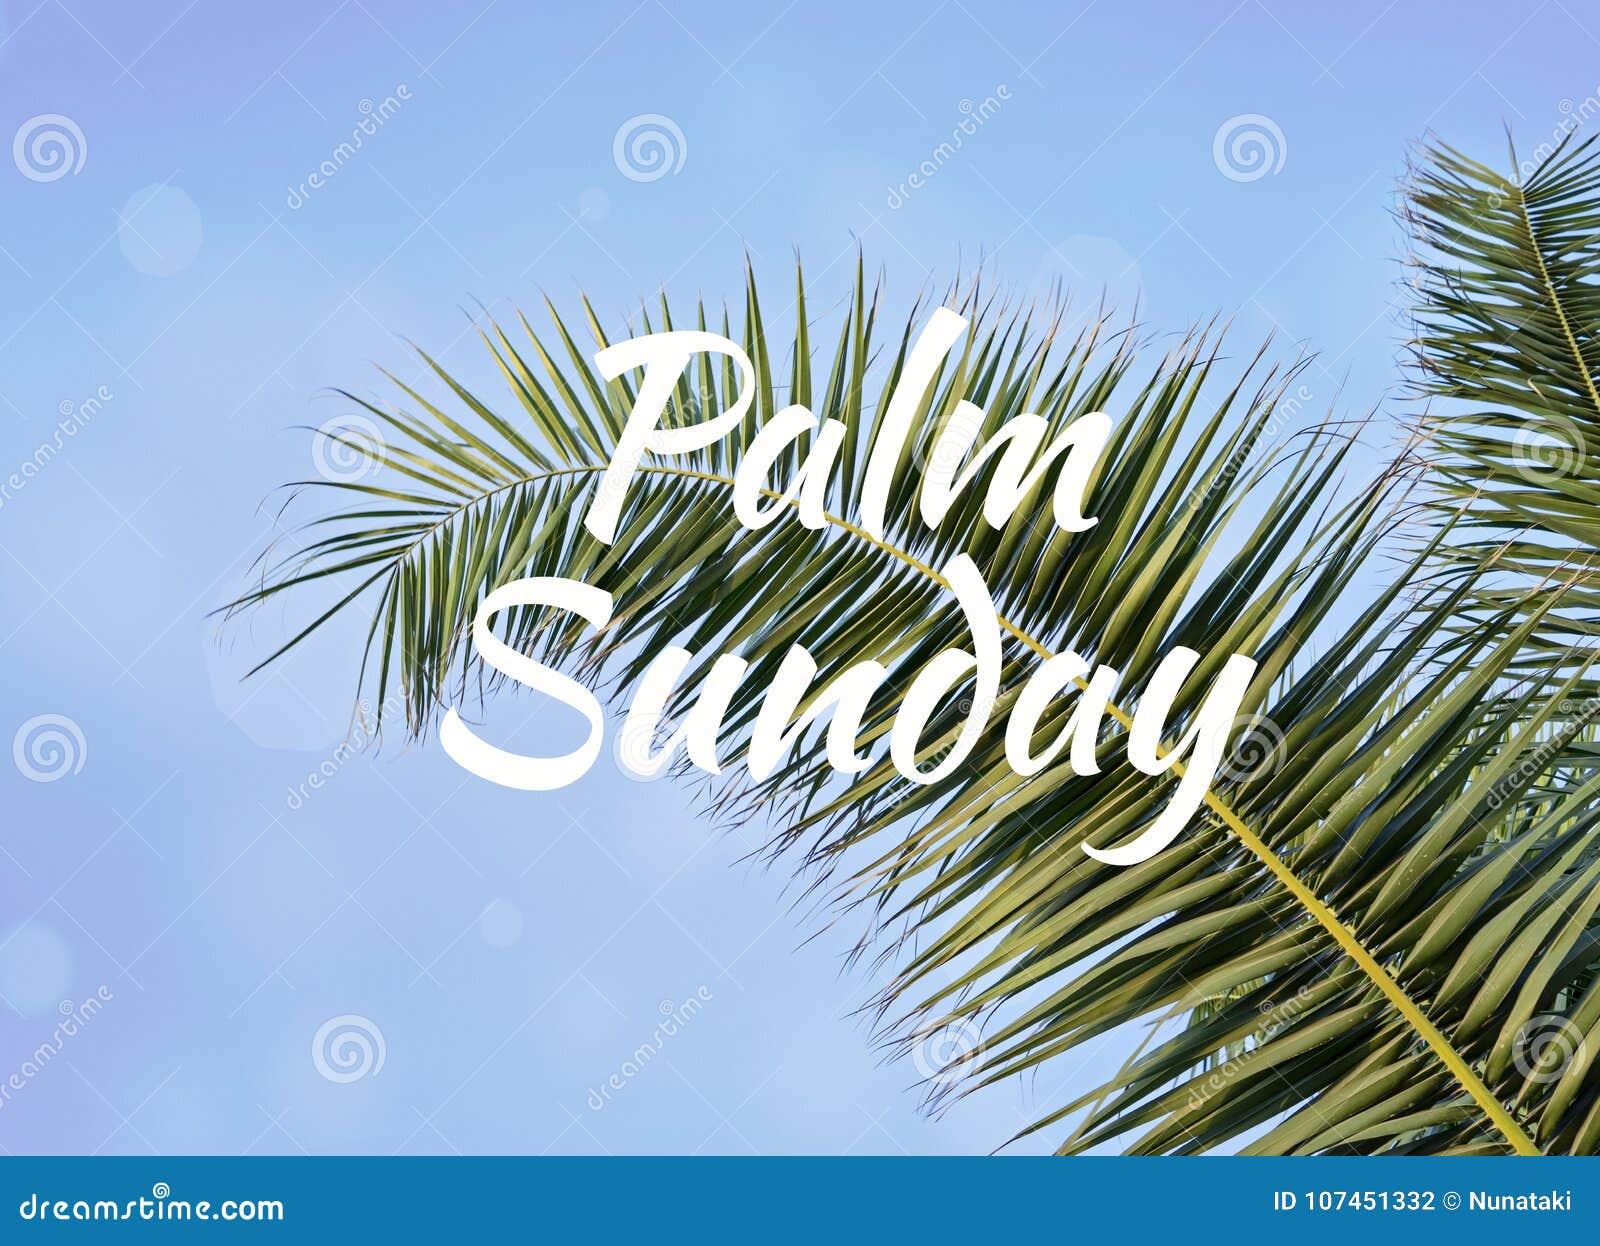 Folha de palmeira contra o céu azul com palma domingo do texto